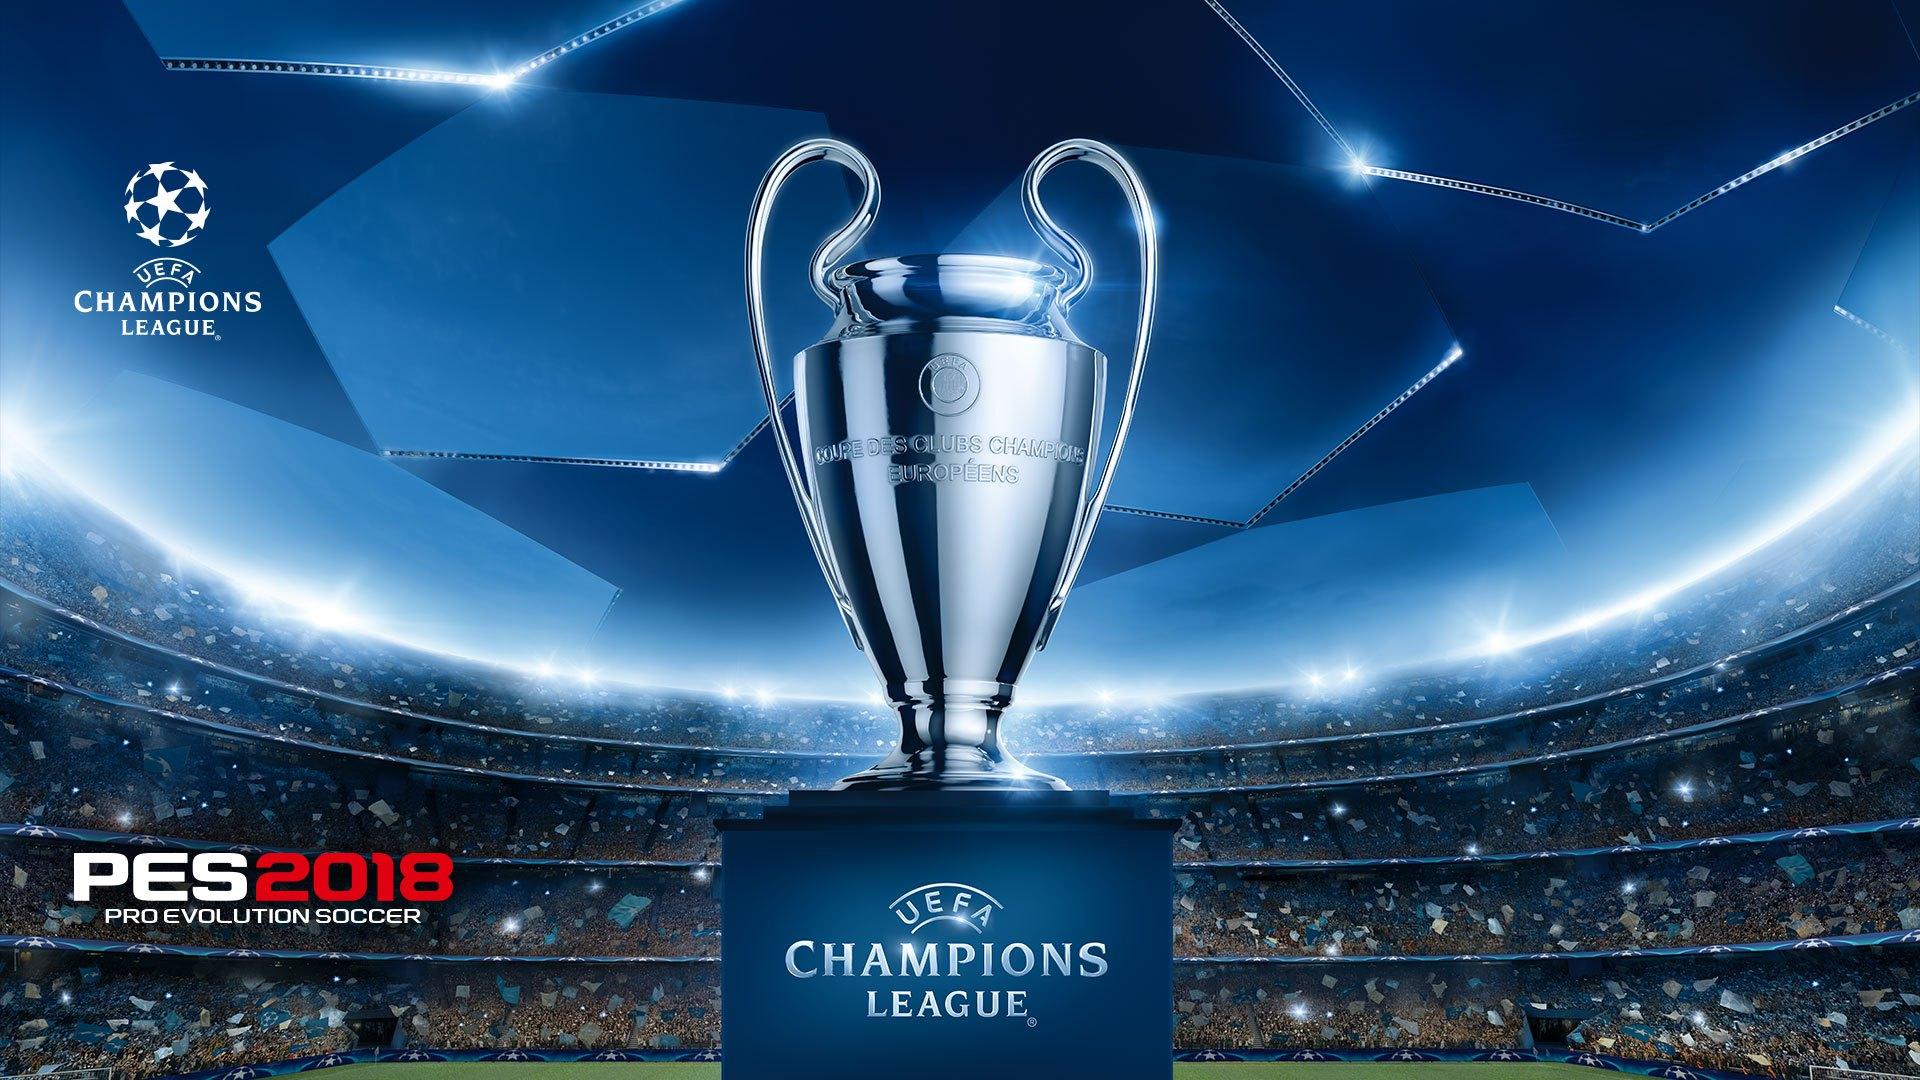 El PES 2019 no contará con la licencia de la Champions League